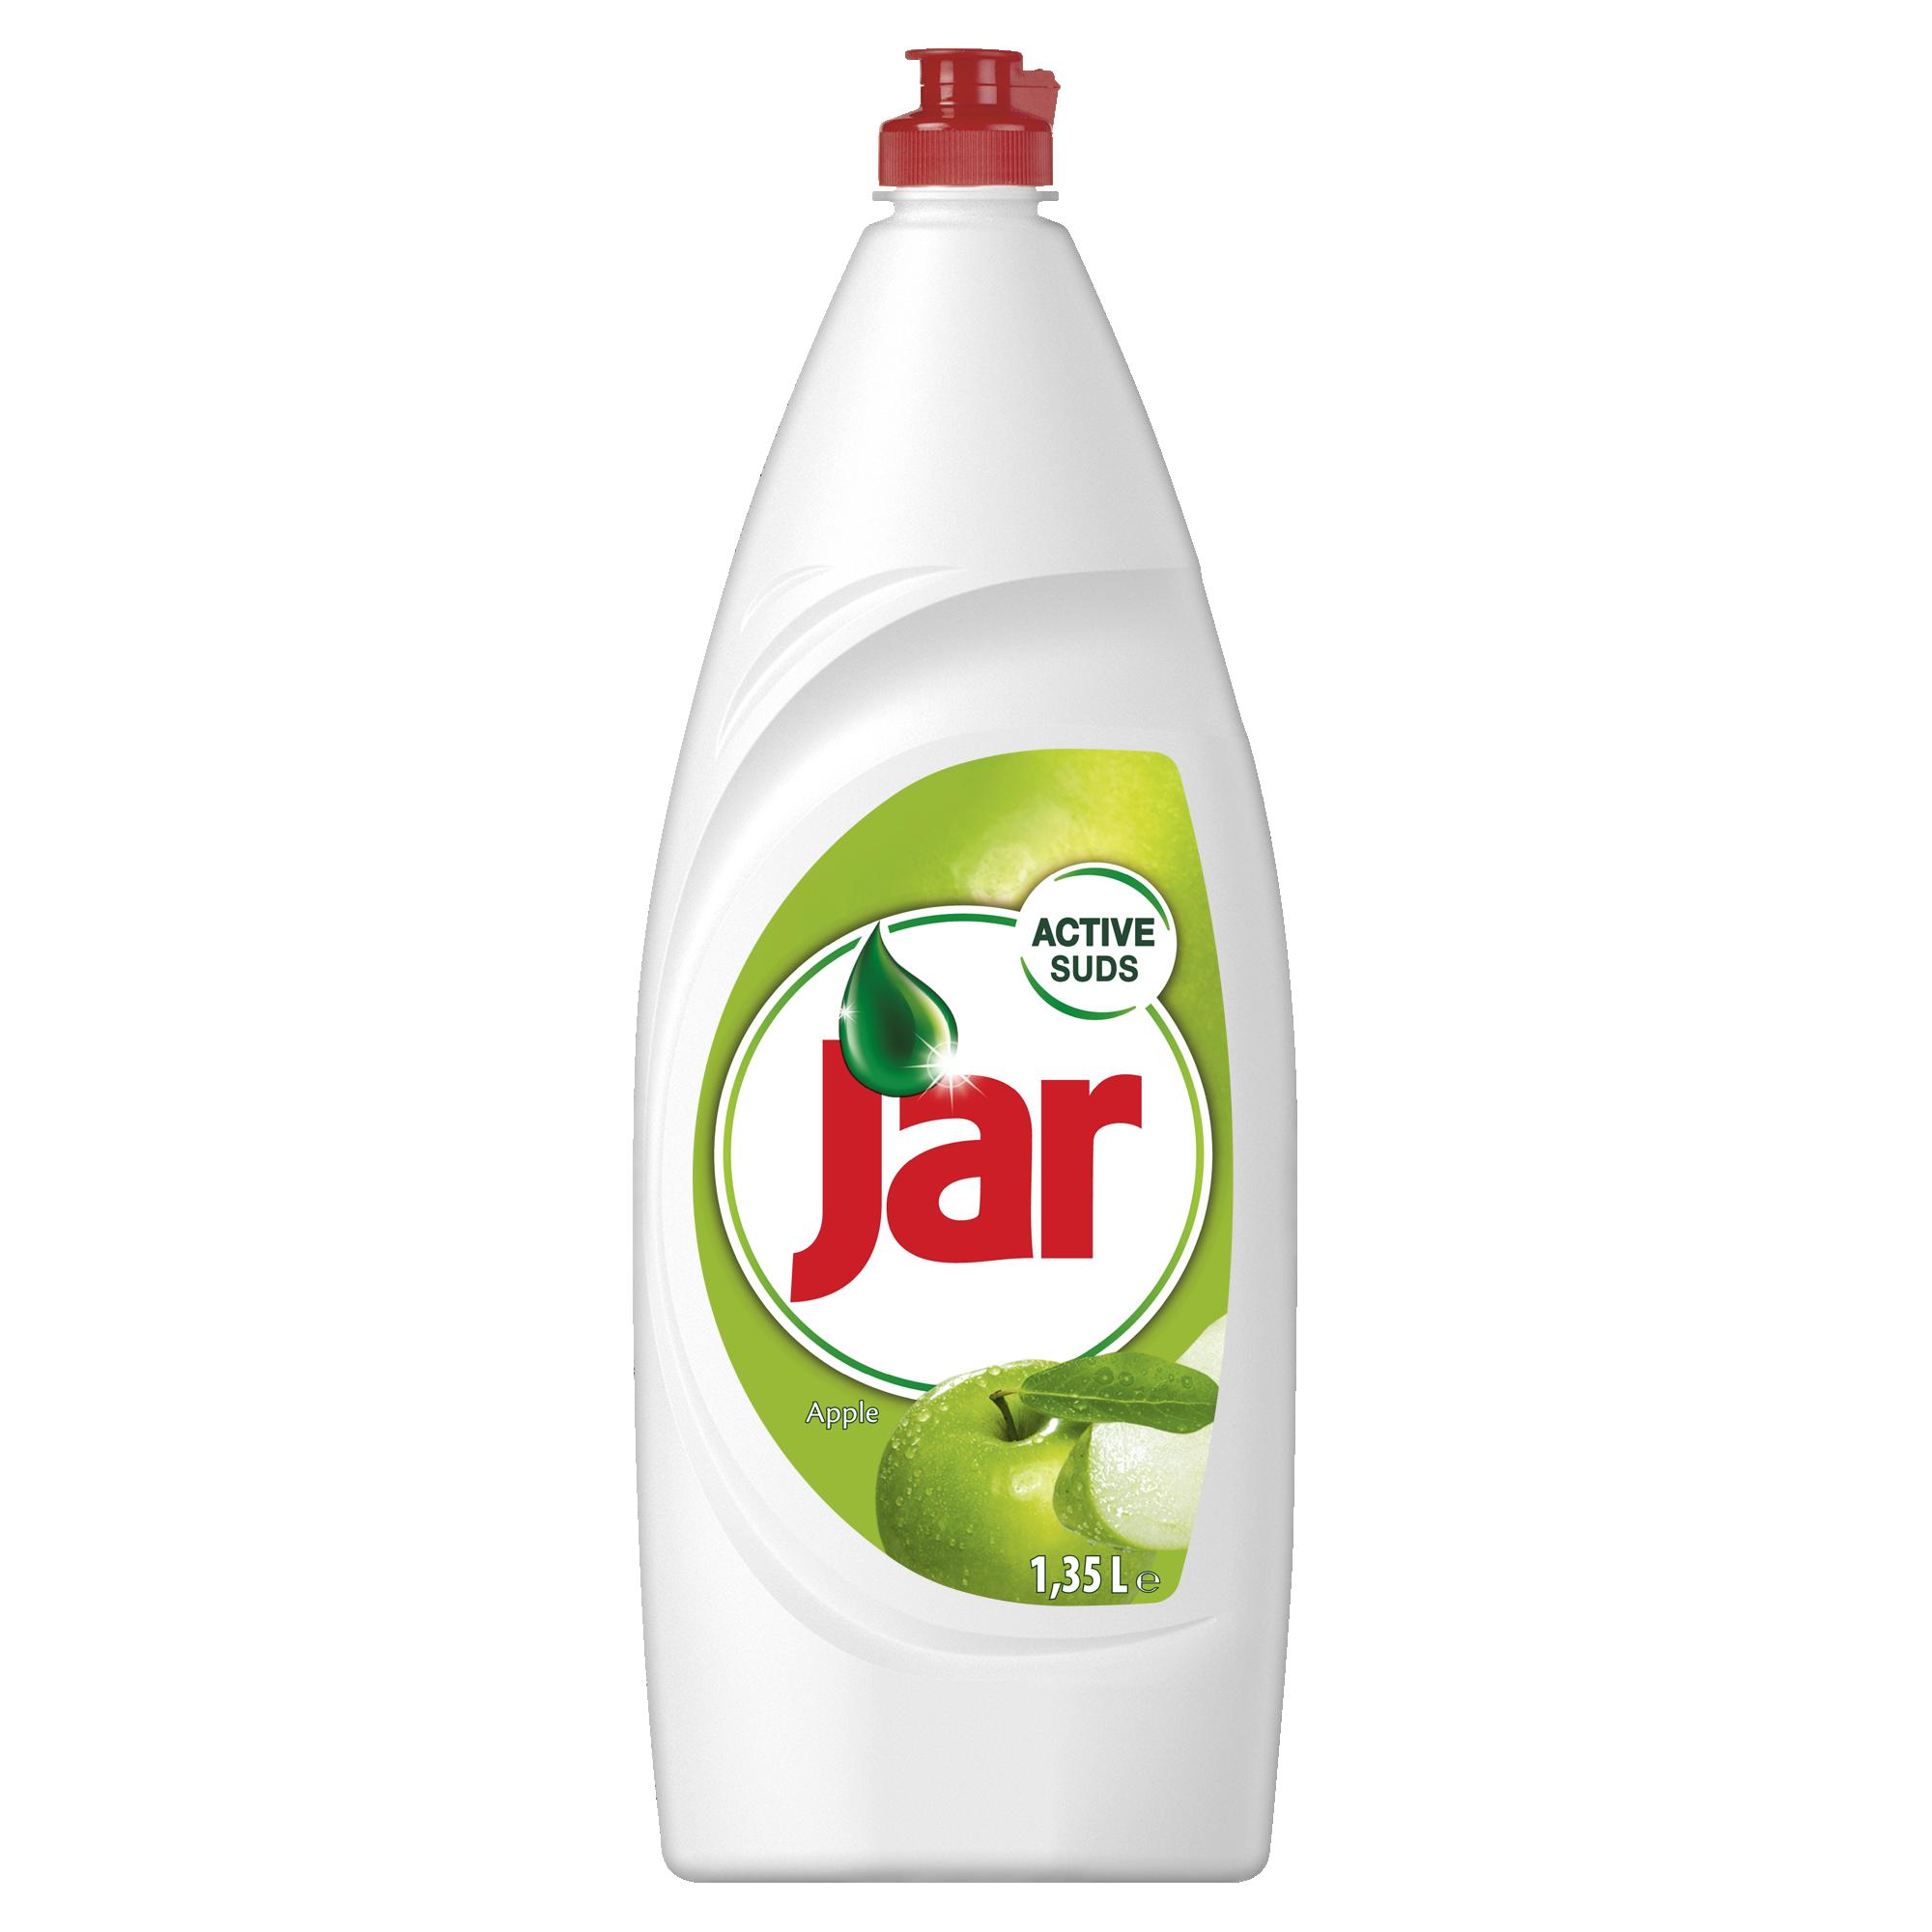 Jar Jablko prostředek na nádobí 1350 ml